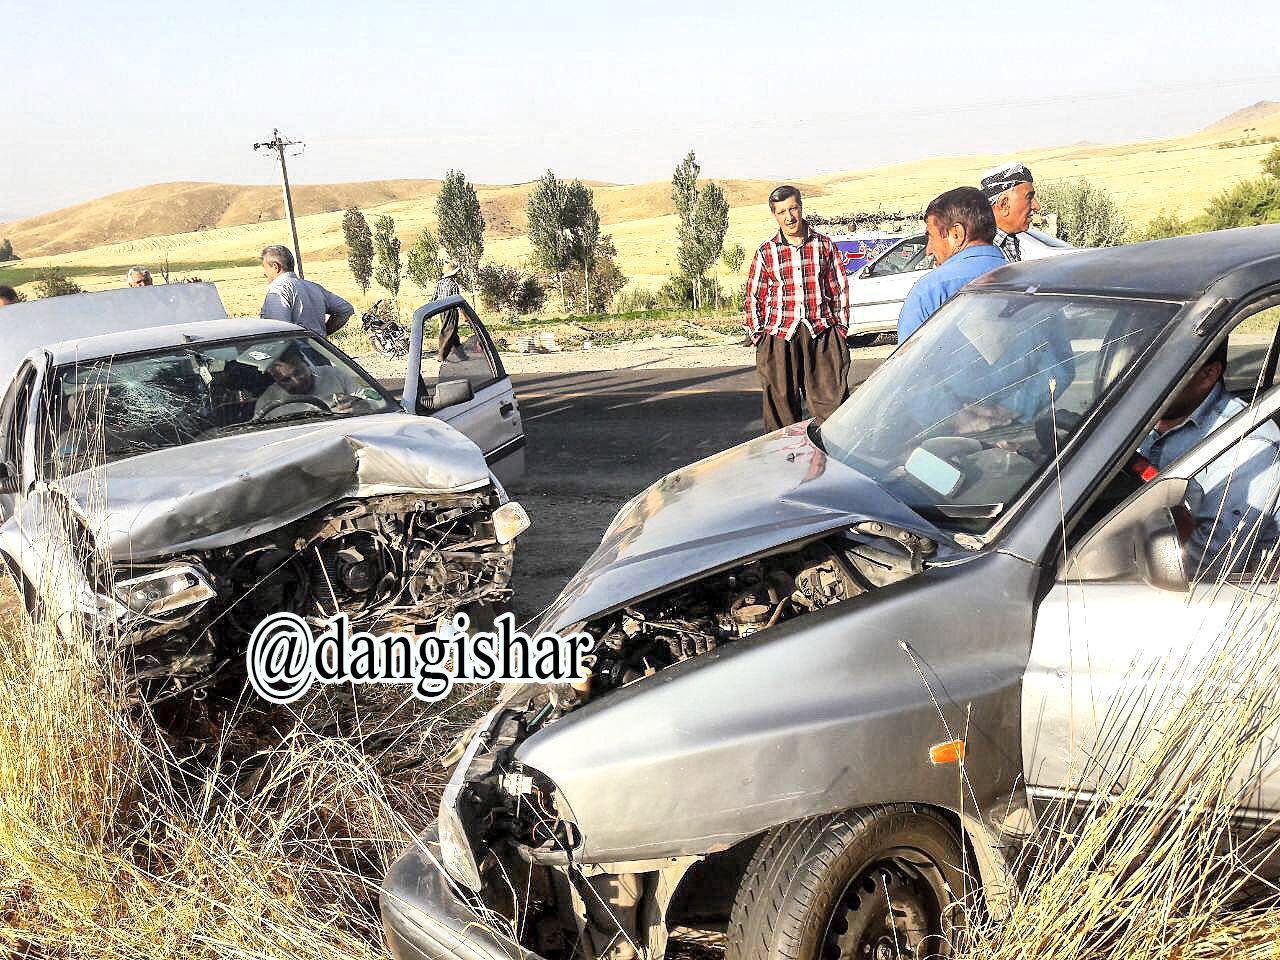 روز پرحادثه در جاده فرعی صاحب گلتپه با 11 مصدوم